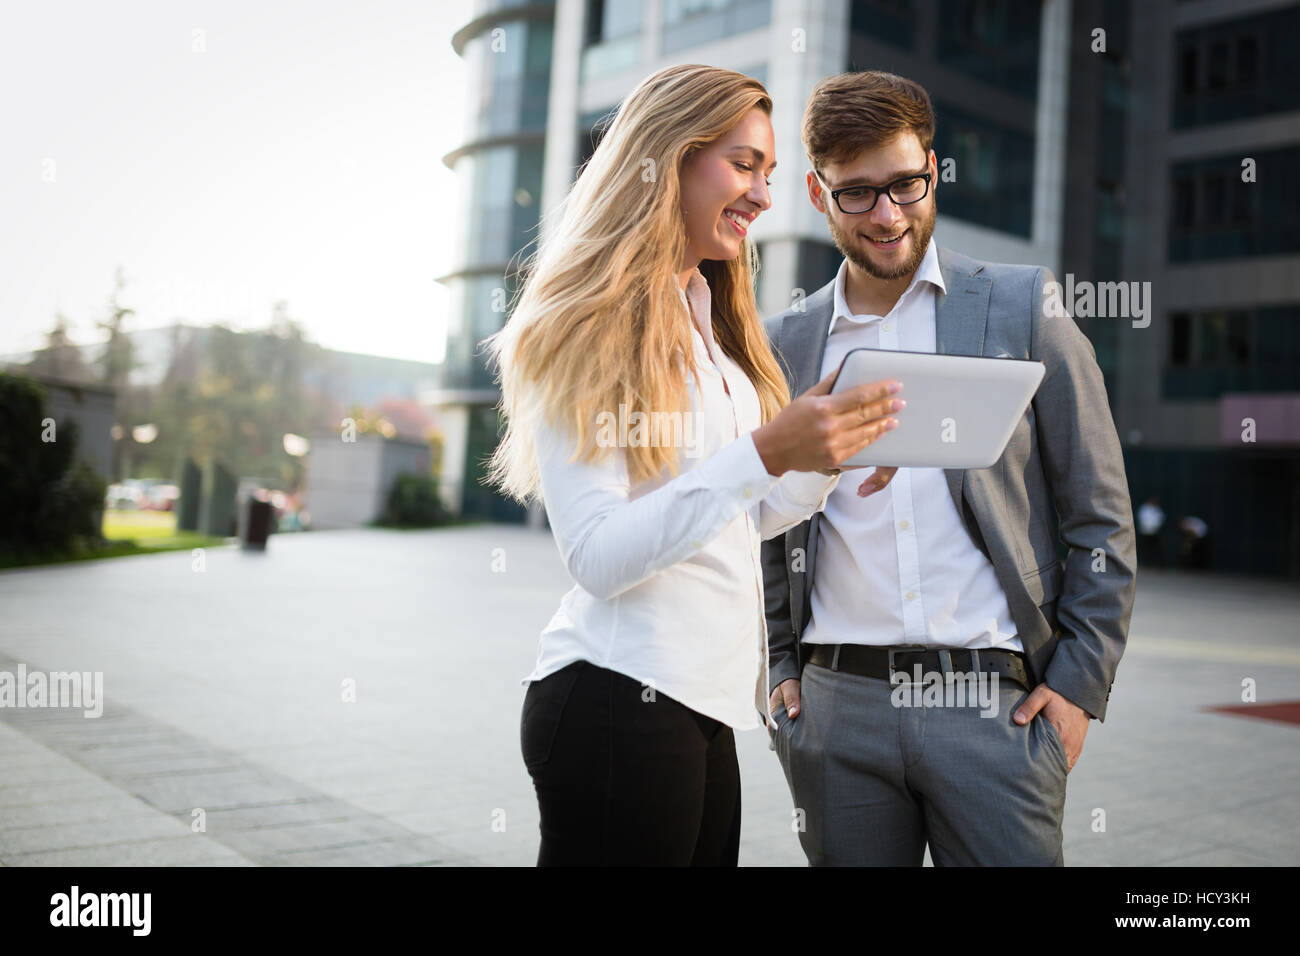 Colleghi di lavoro parlando all'aperto e utilizzo di tablet Immagini Stock